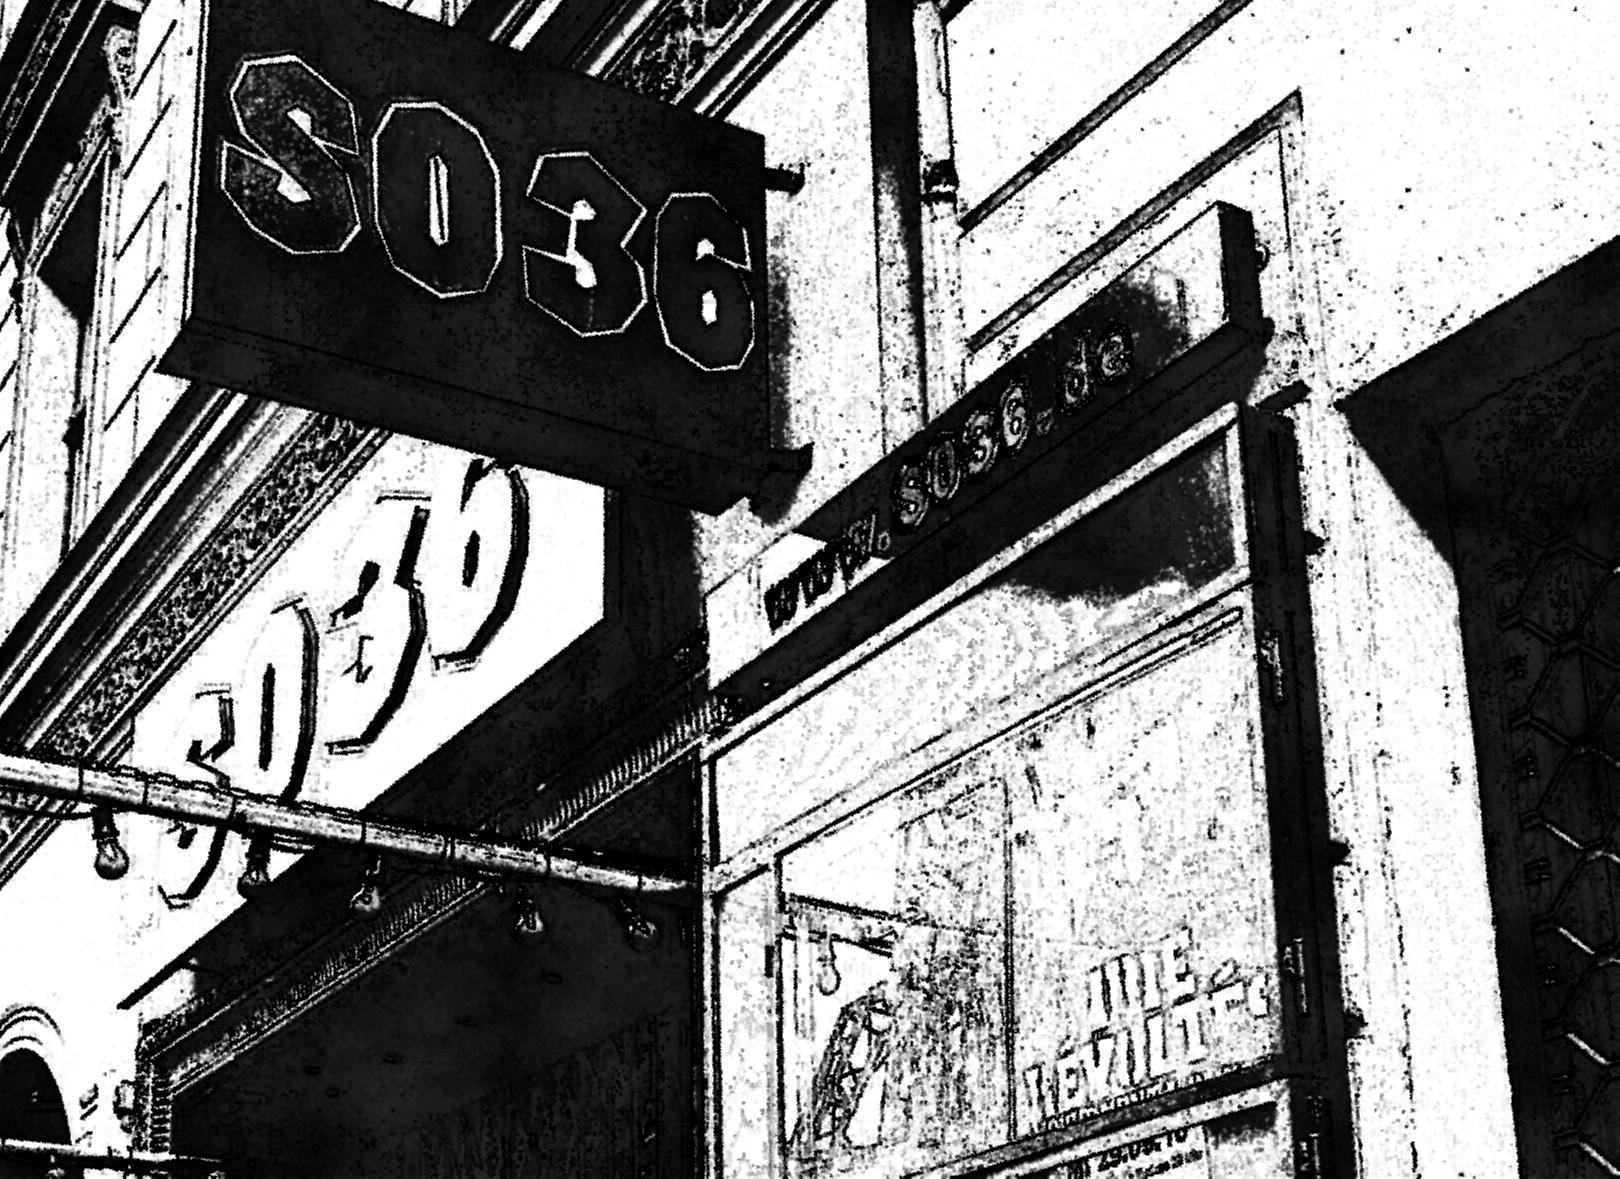 SO-36 club